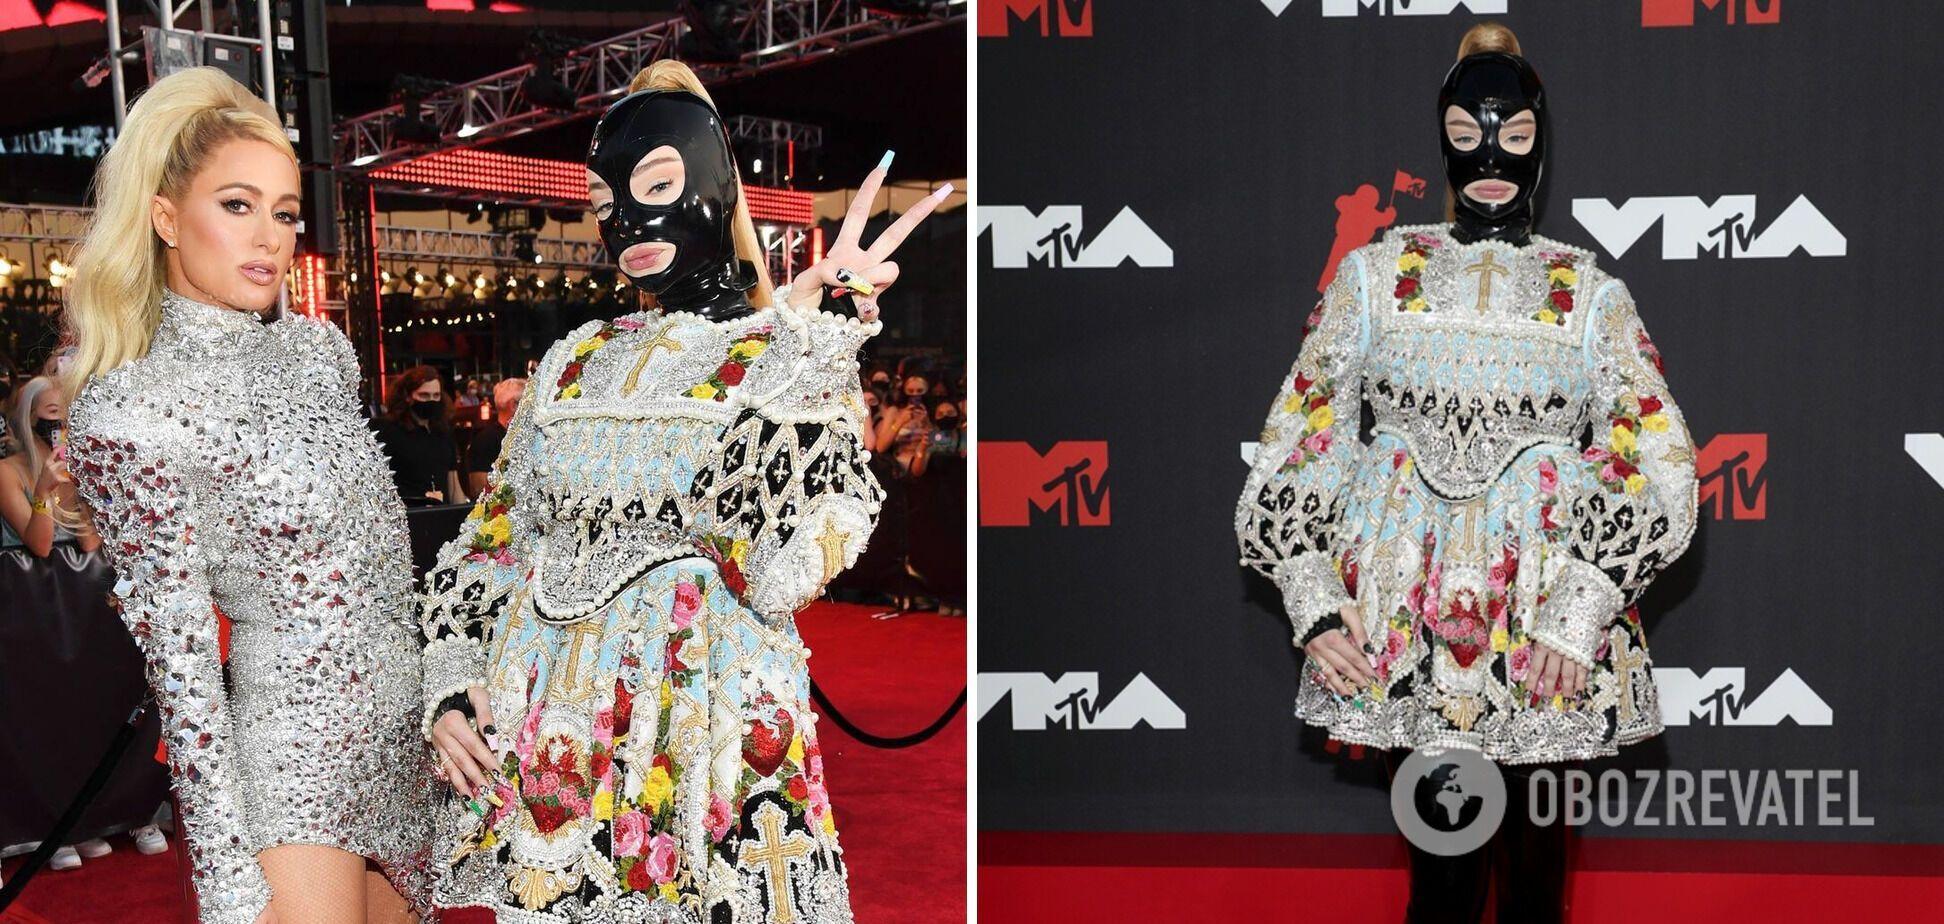 Ким Потрас и Пэрис Хилтон в ярких платьях.